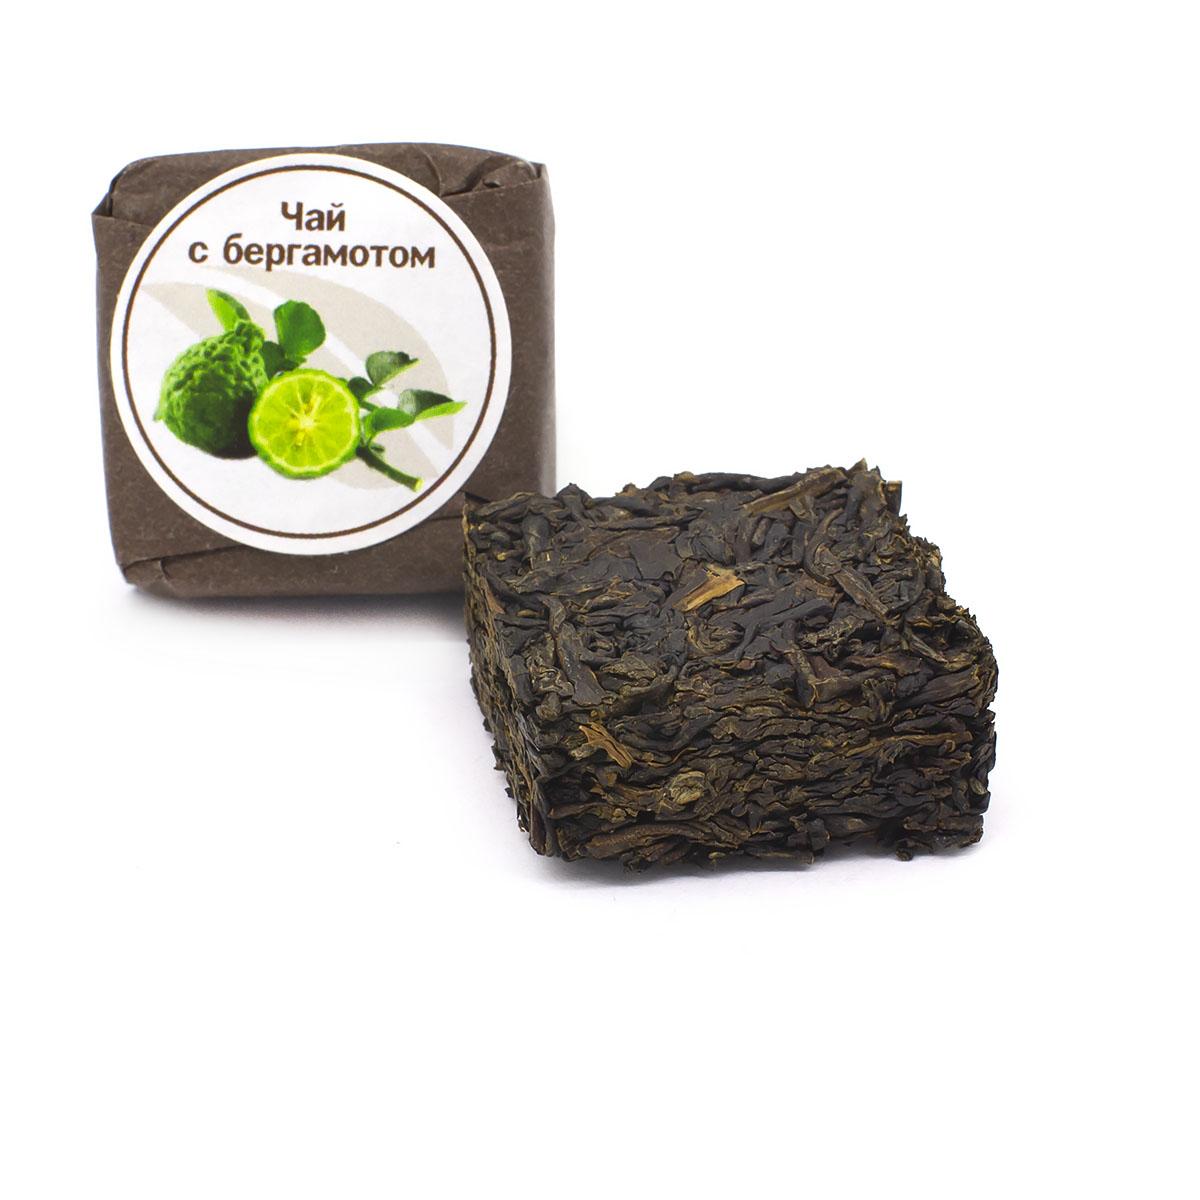 Чай с бергамотом прессованный, кубик 5-7 г чай черный байховый бонтон крепкий цейлонский крупнолистовой 726 с ароматом бергамота 100 г